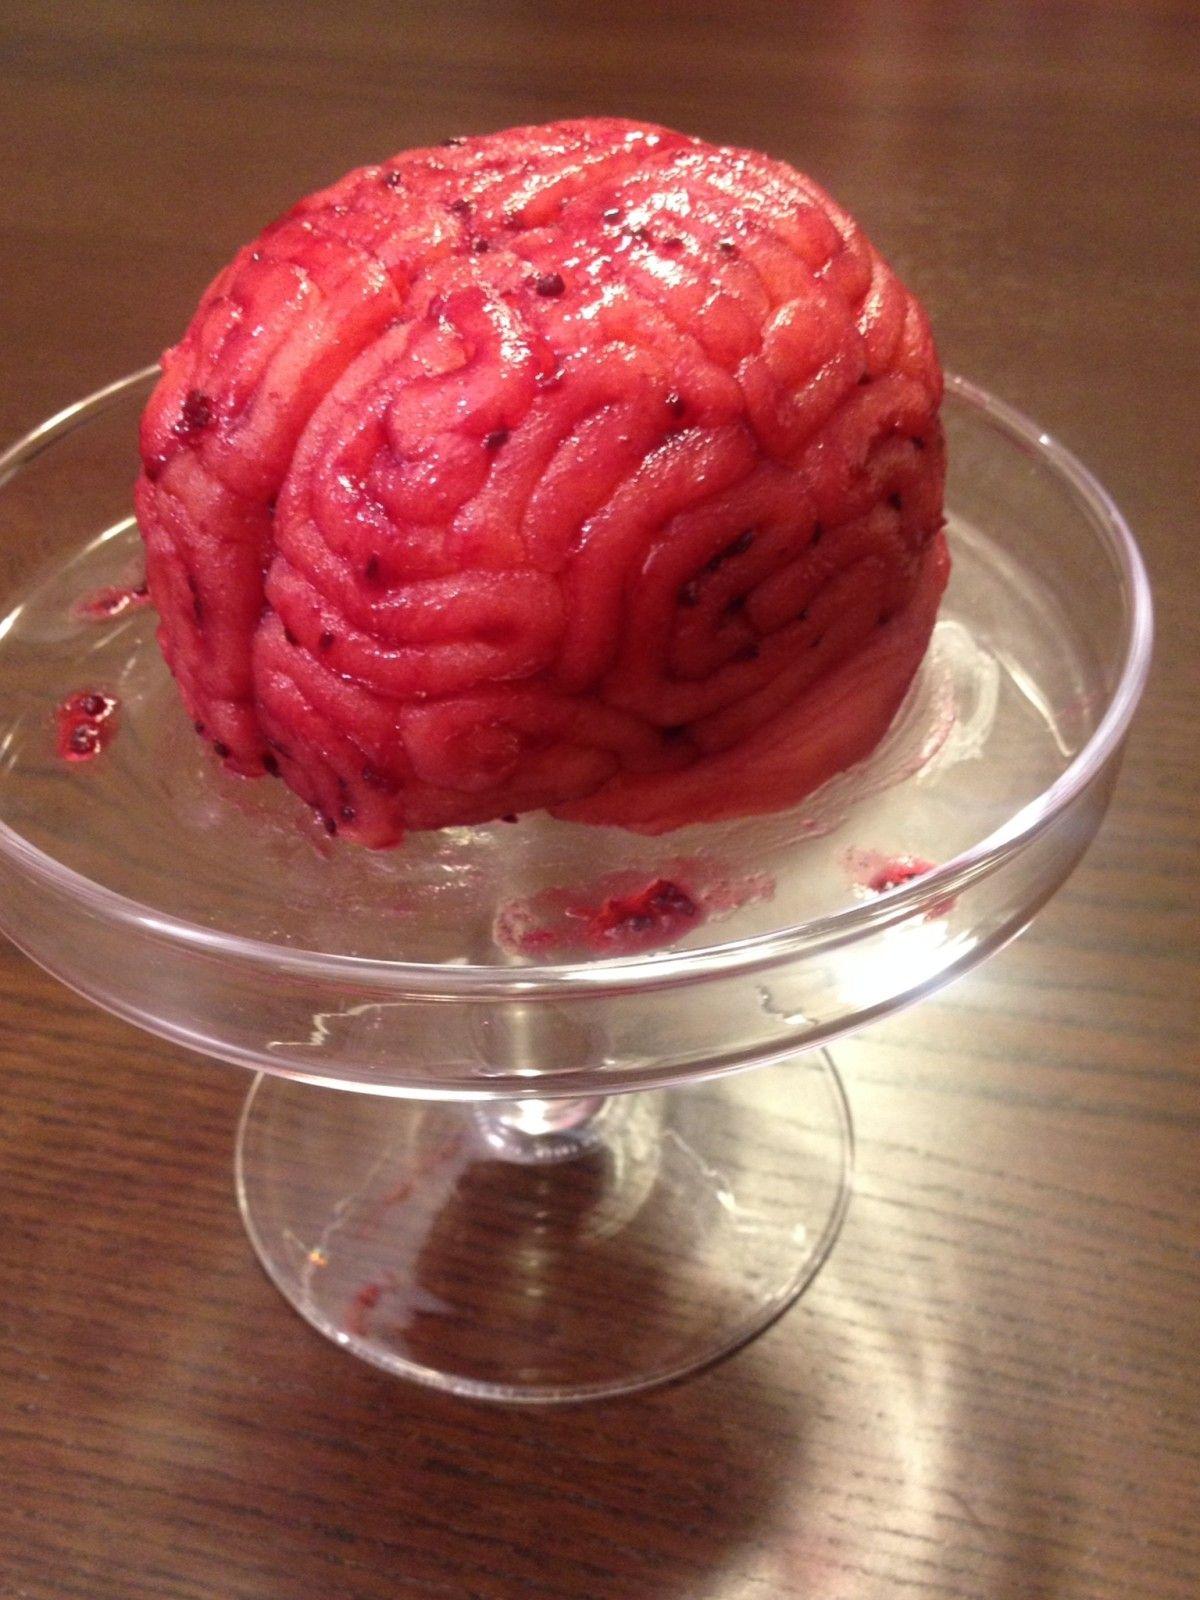 Brain Cake Gehirn Motiv Torte Grundlage Selterskuchen Deko Marzipan & Johannisbeermarmelade